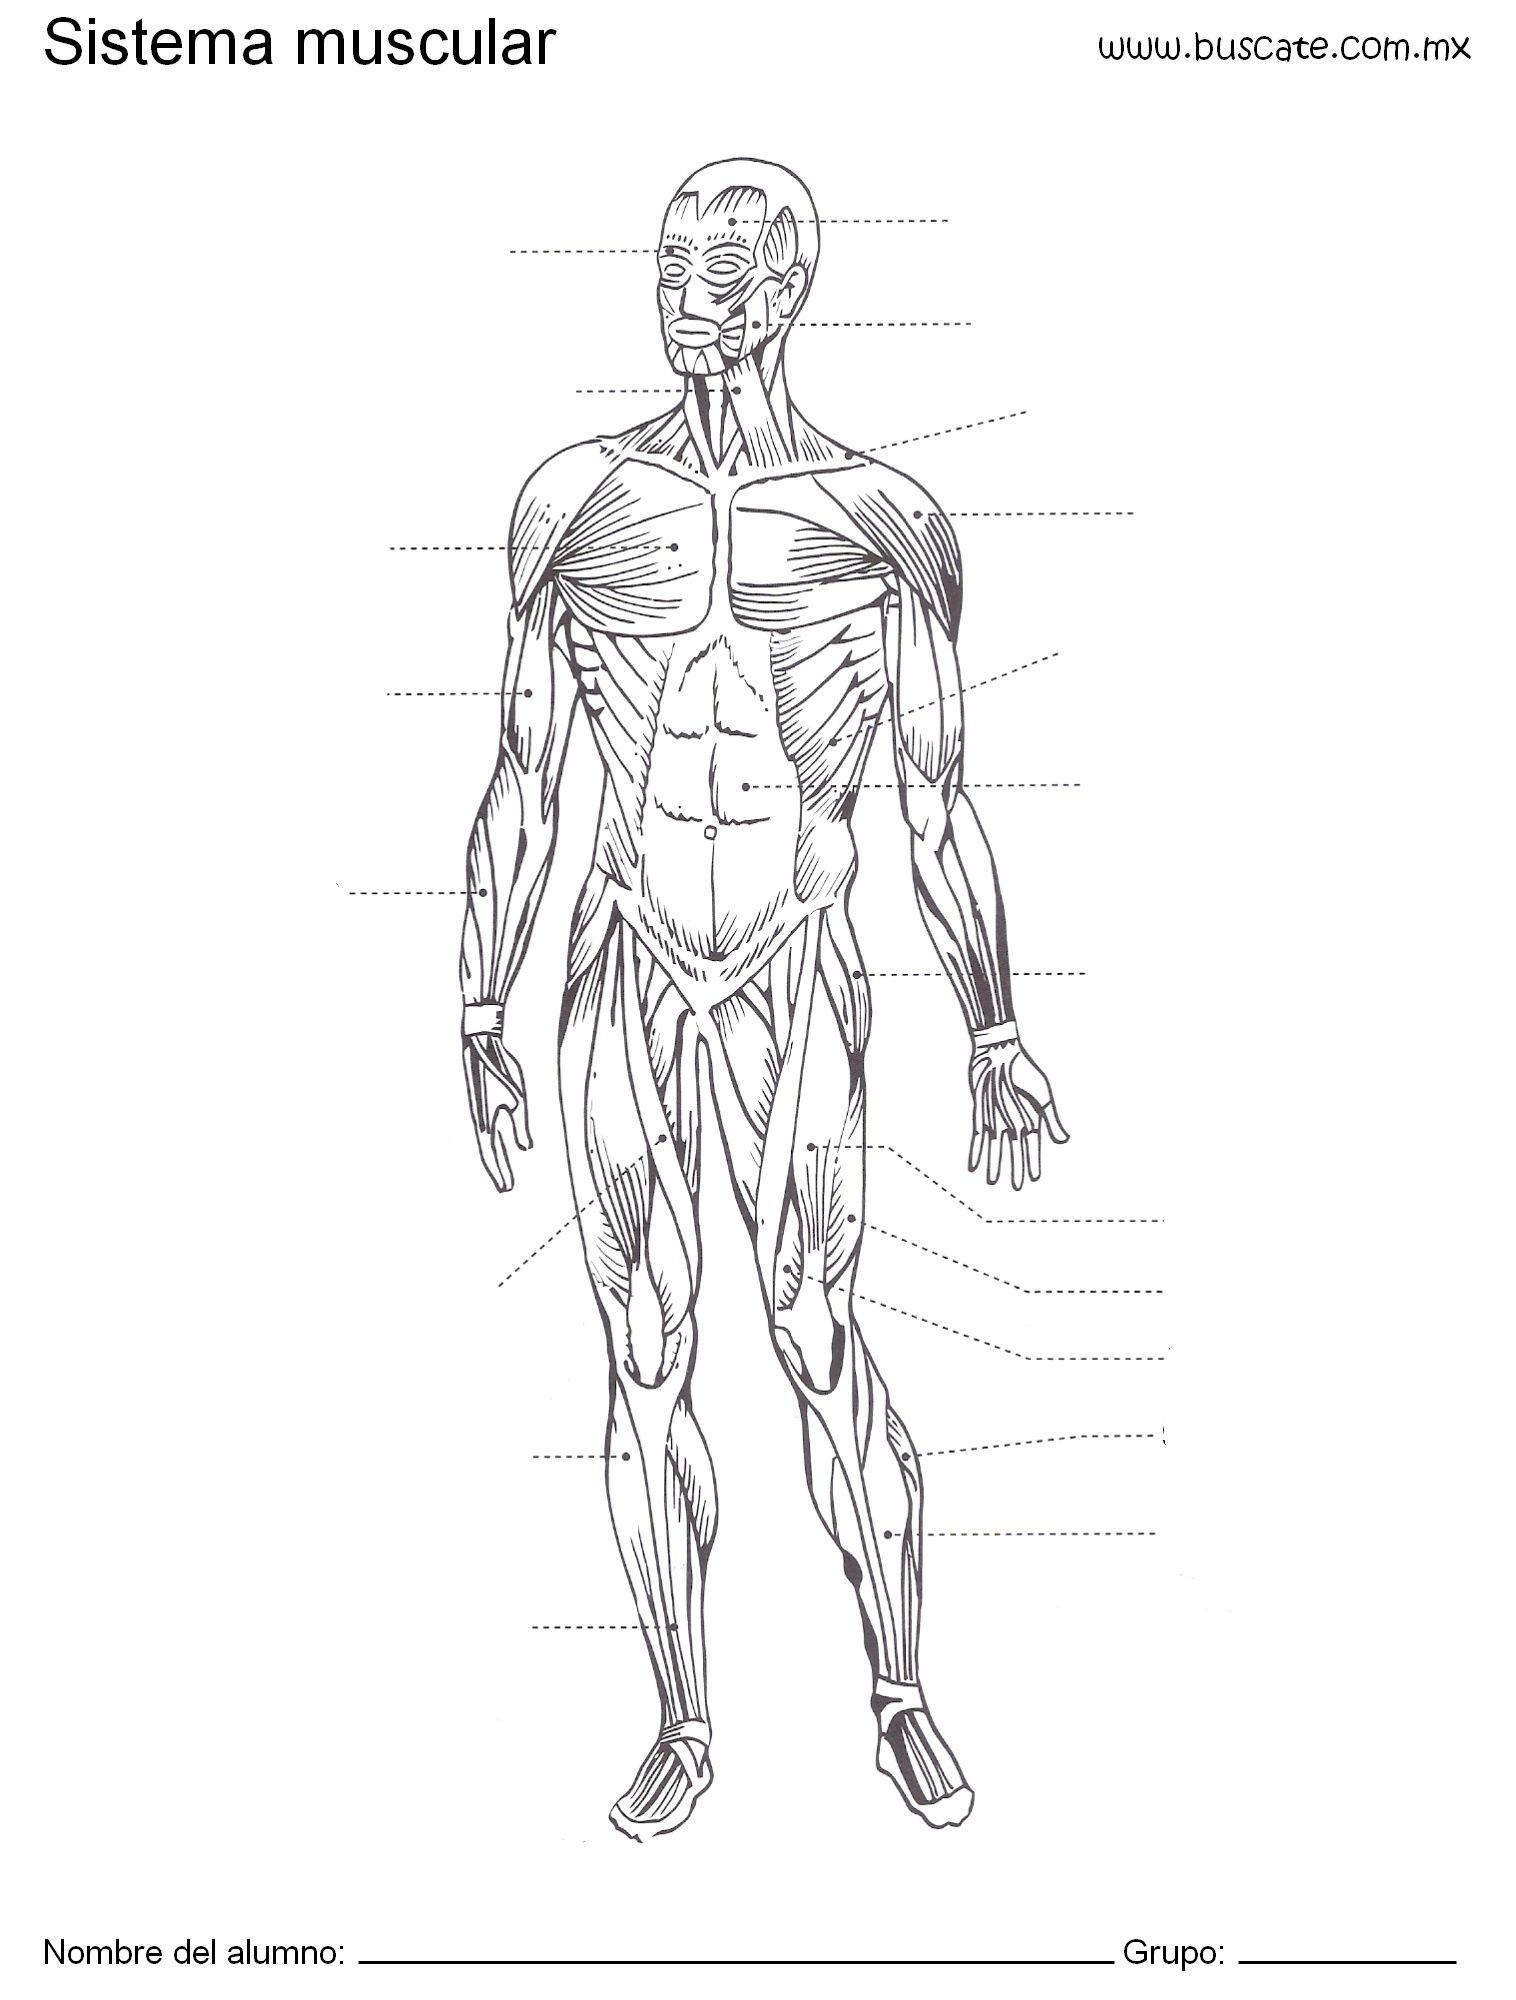 Esquema del sistema muscular humano Sin los nombres de sus partes